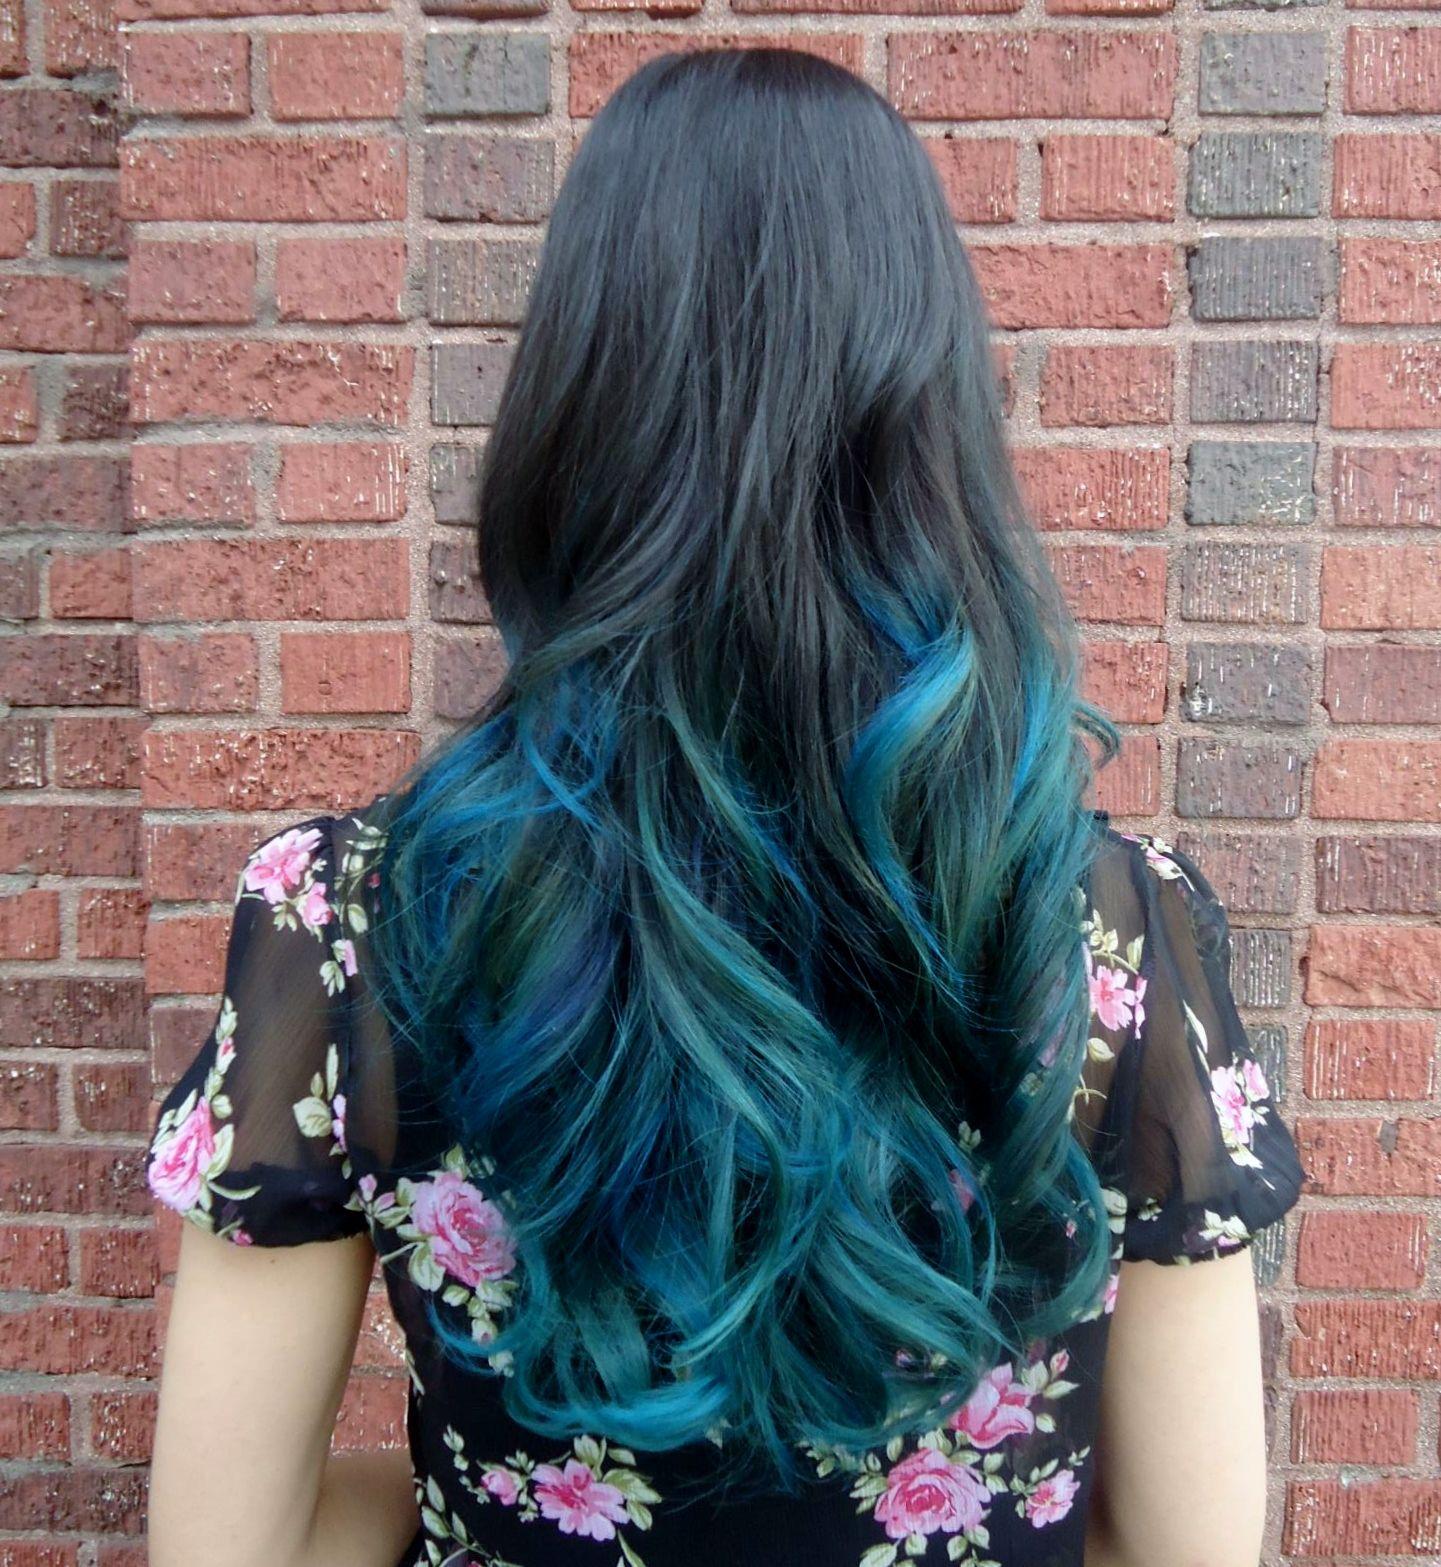 Dark Hair With Teal Dip Dye Blue Ombre Hair Teal Hair Dipped Hair